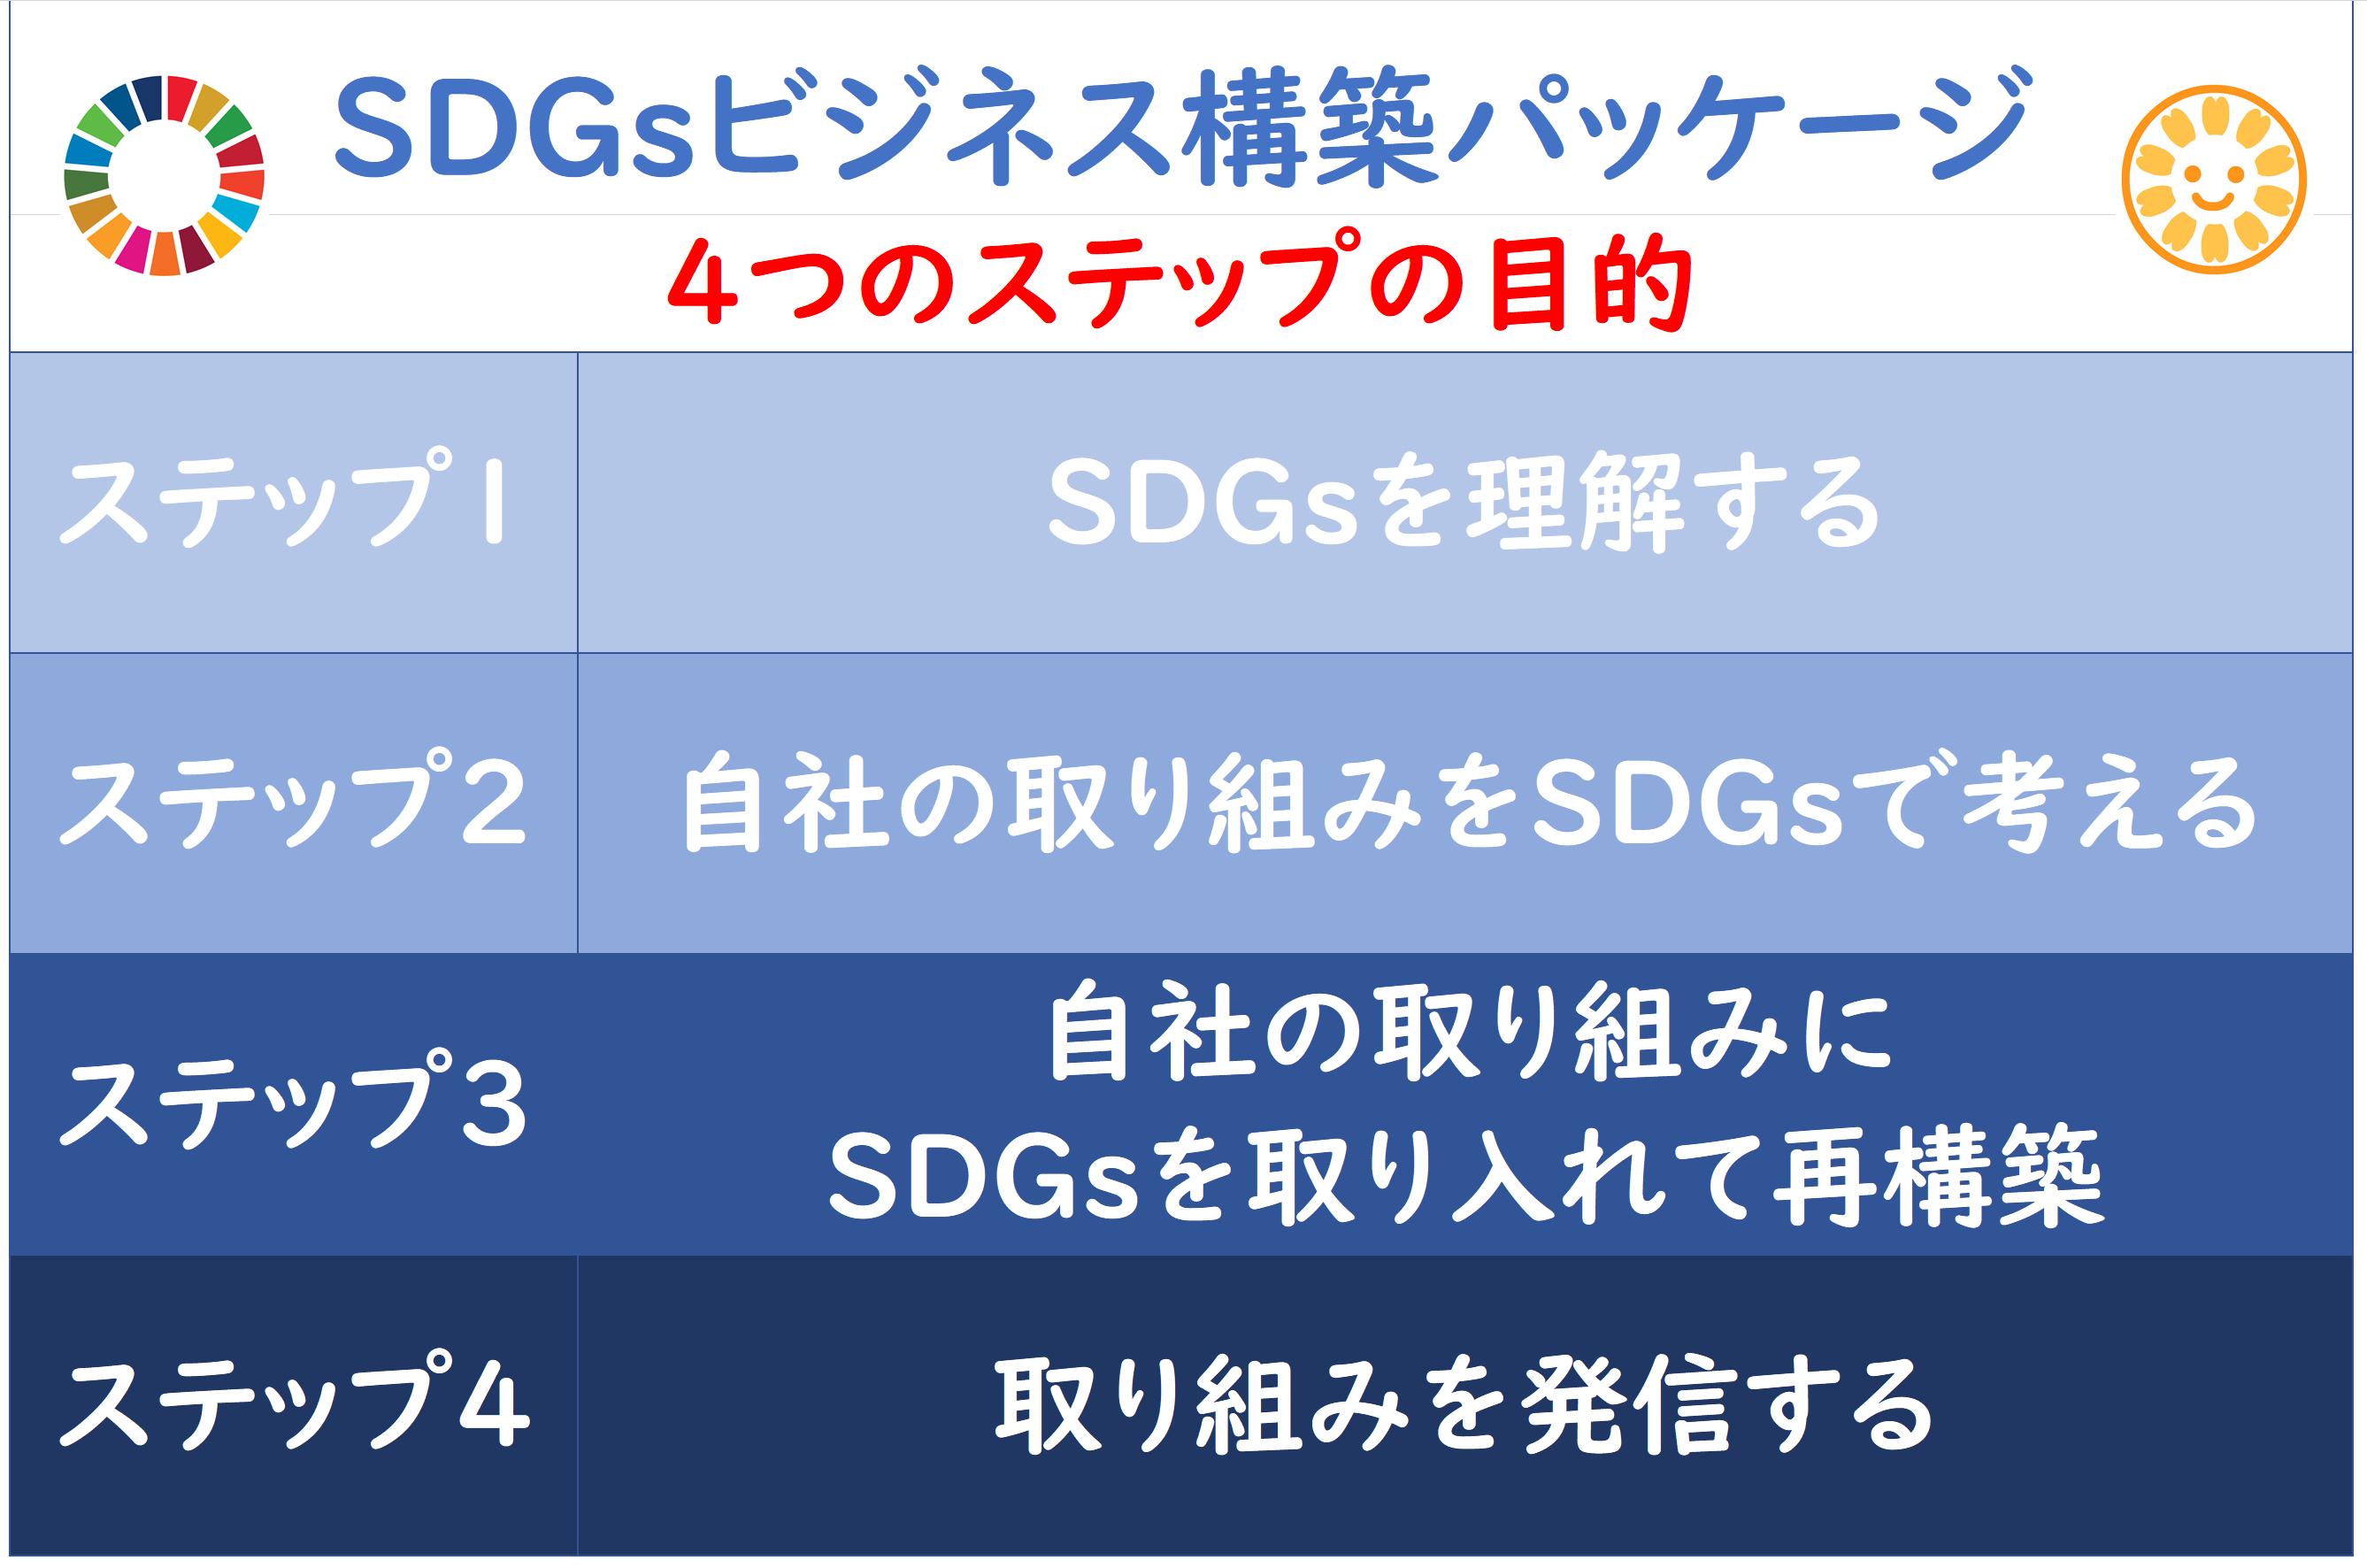 SDGsコンサルティング4つのステップです